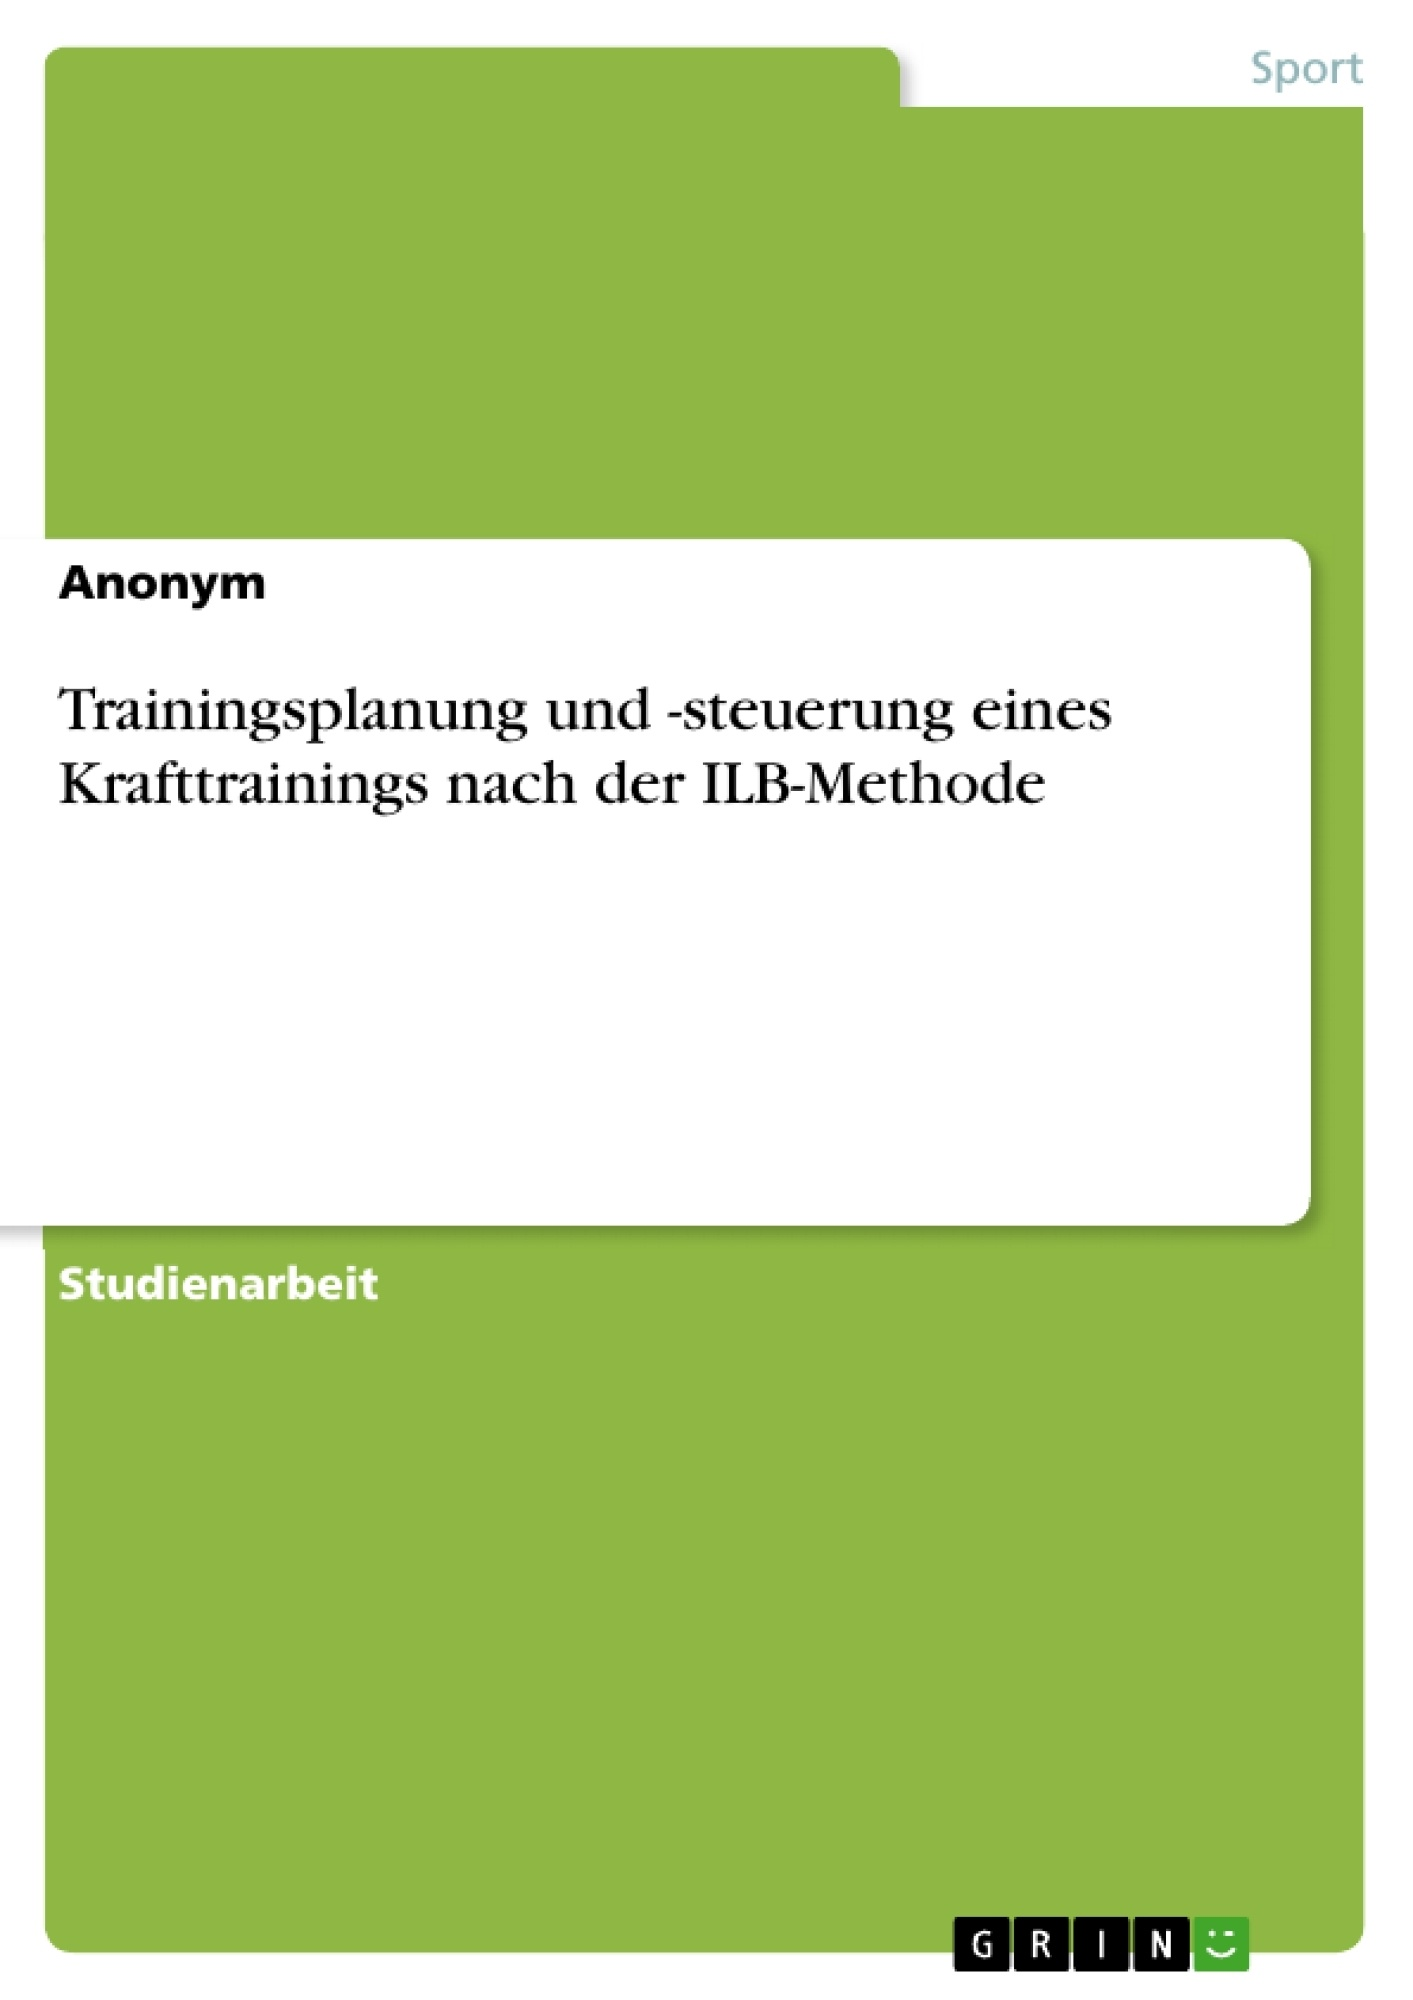 Titel: Trainingsplanung und -steuerung eines Krafttrainings nach der ILB-Methode